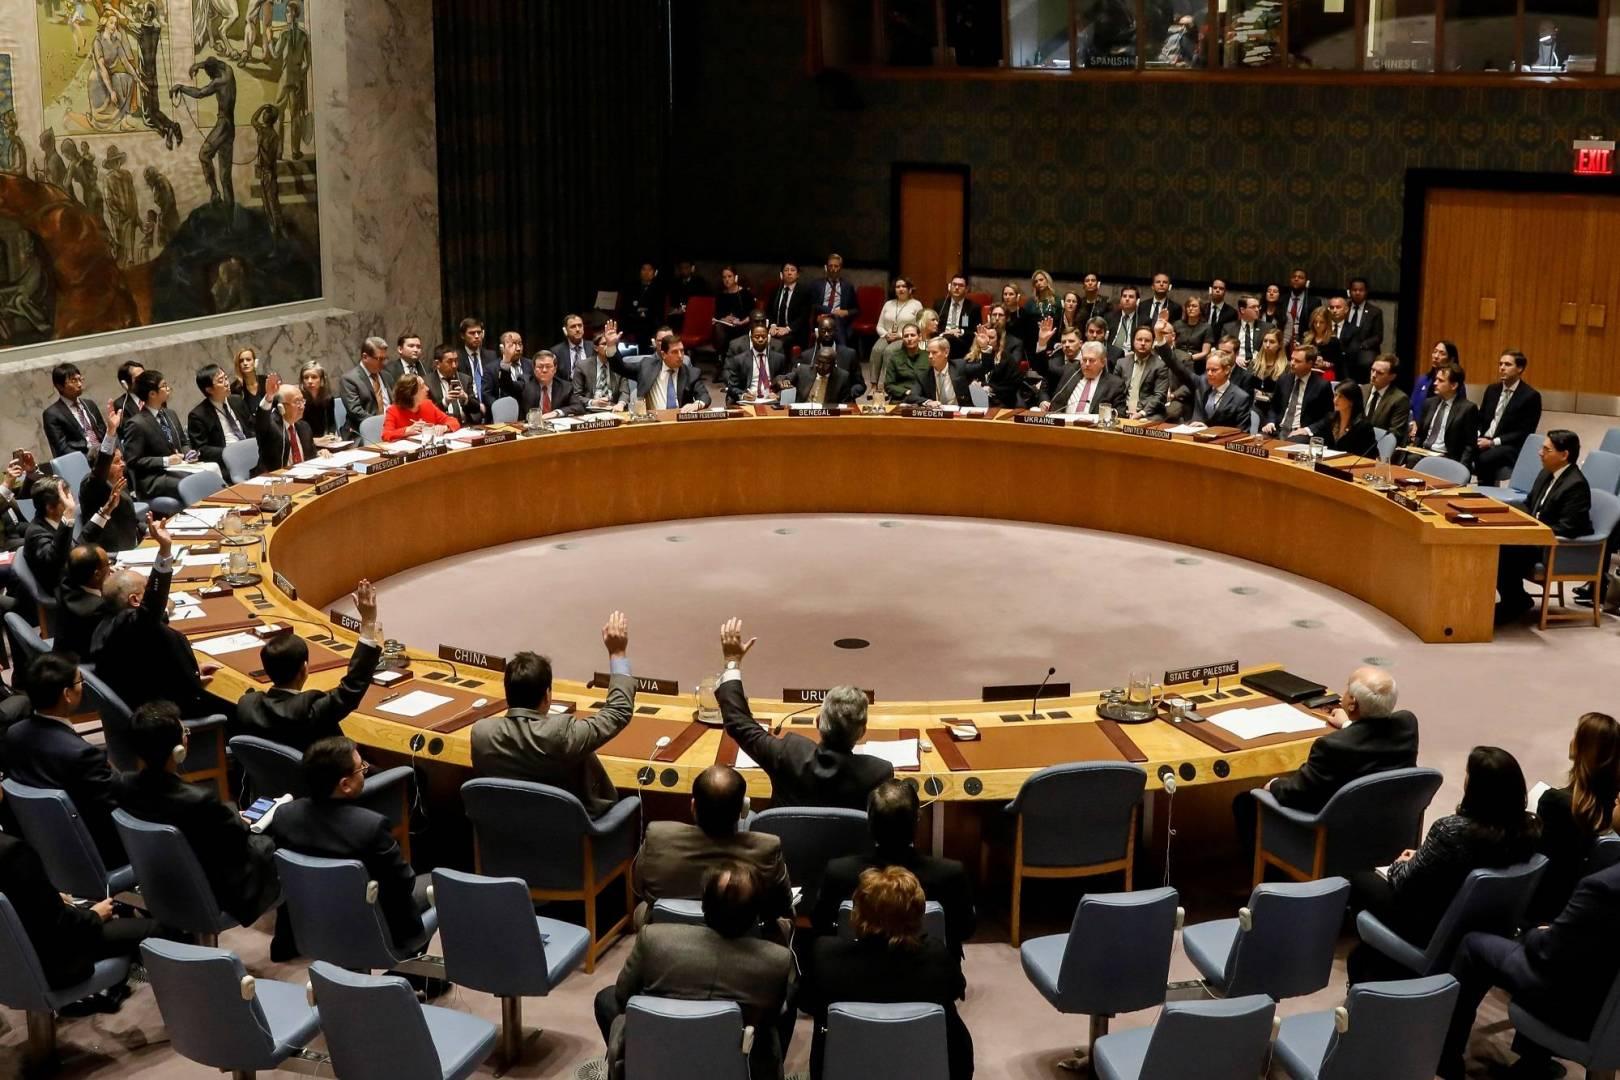 مجلس الأمن يتبنى بياناً حول حظر استخدام الأسلحة الكيميائية